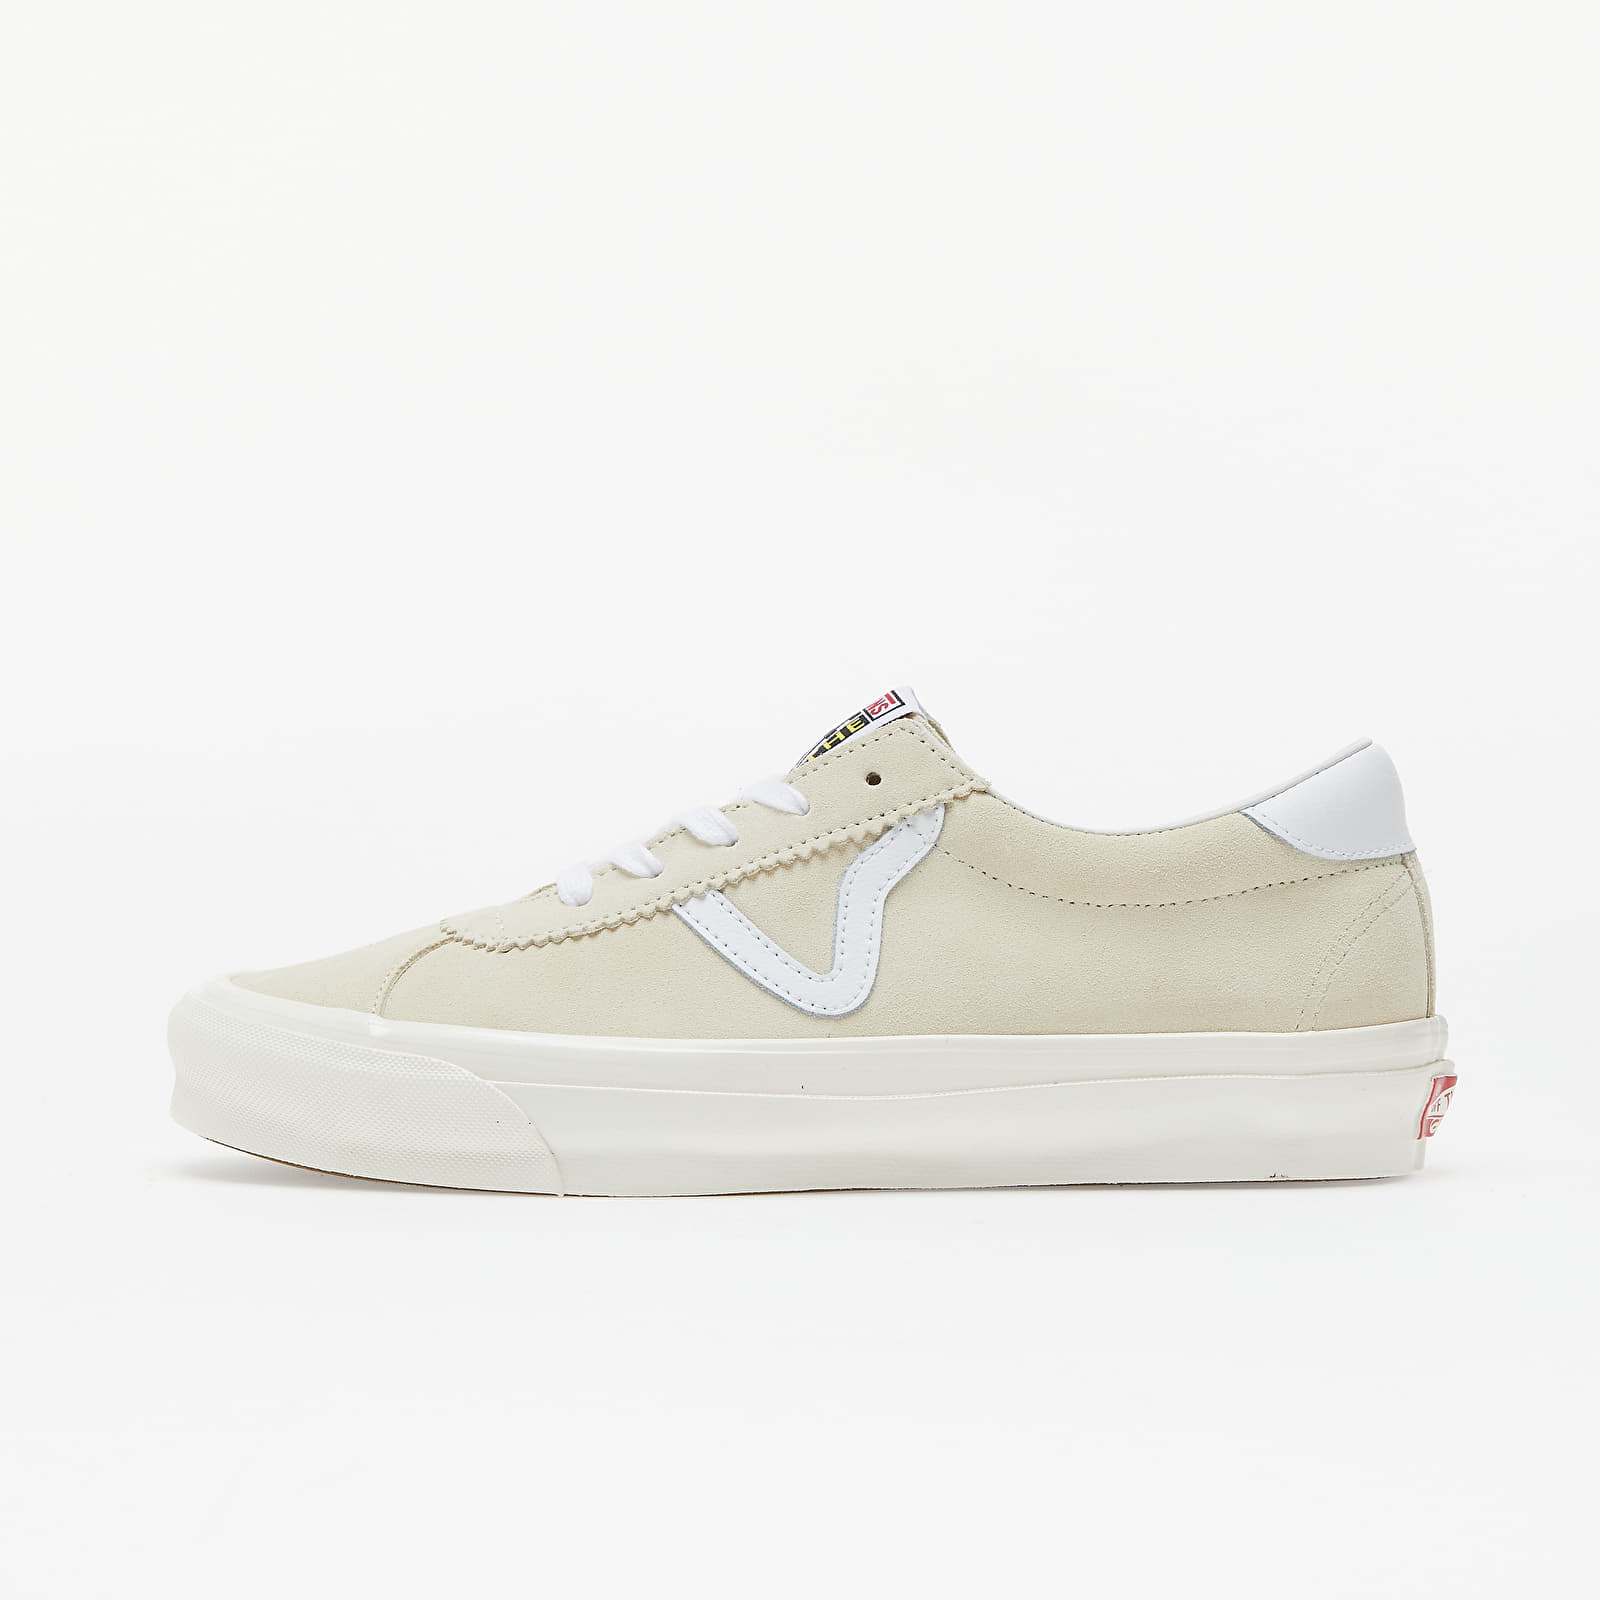 Pánske tenisky a topánky Vans OG Epoch LX (Suede) Classic White